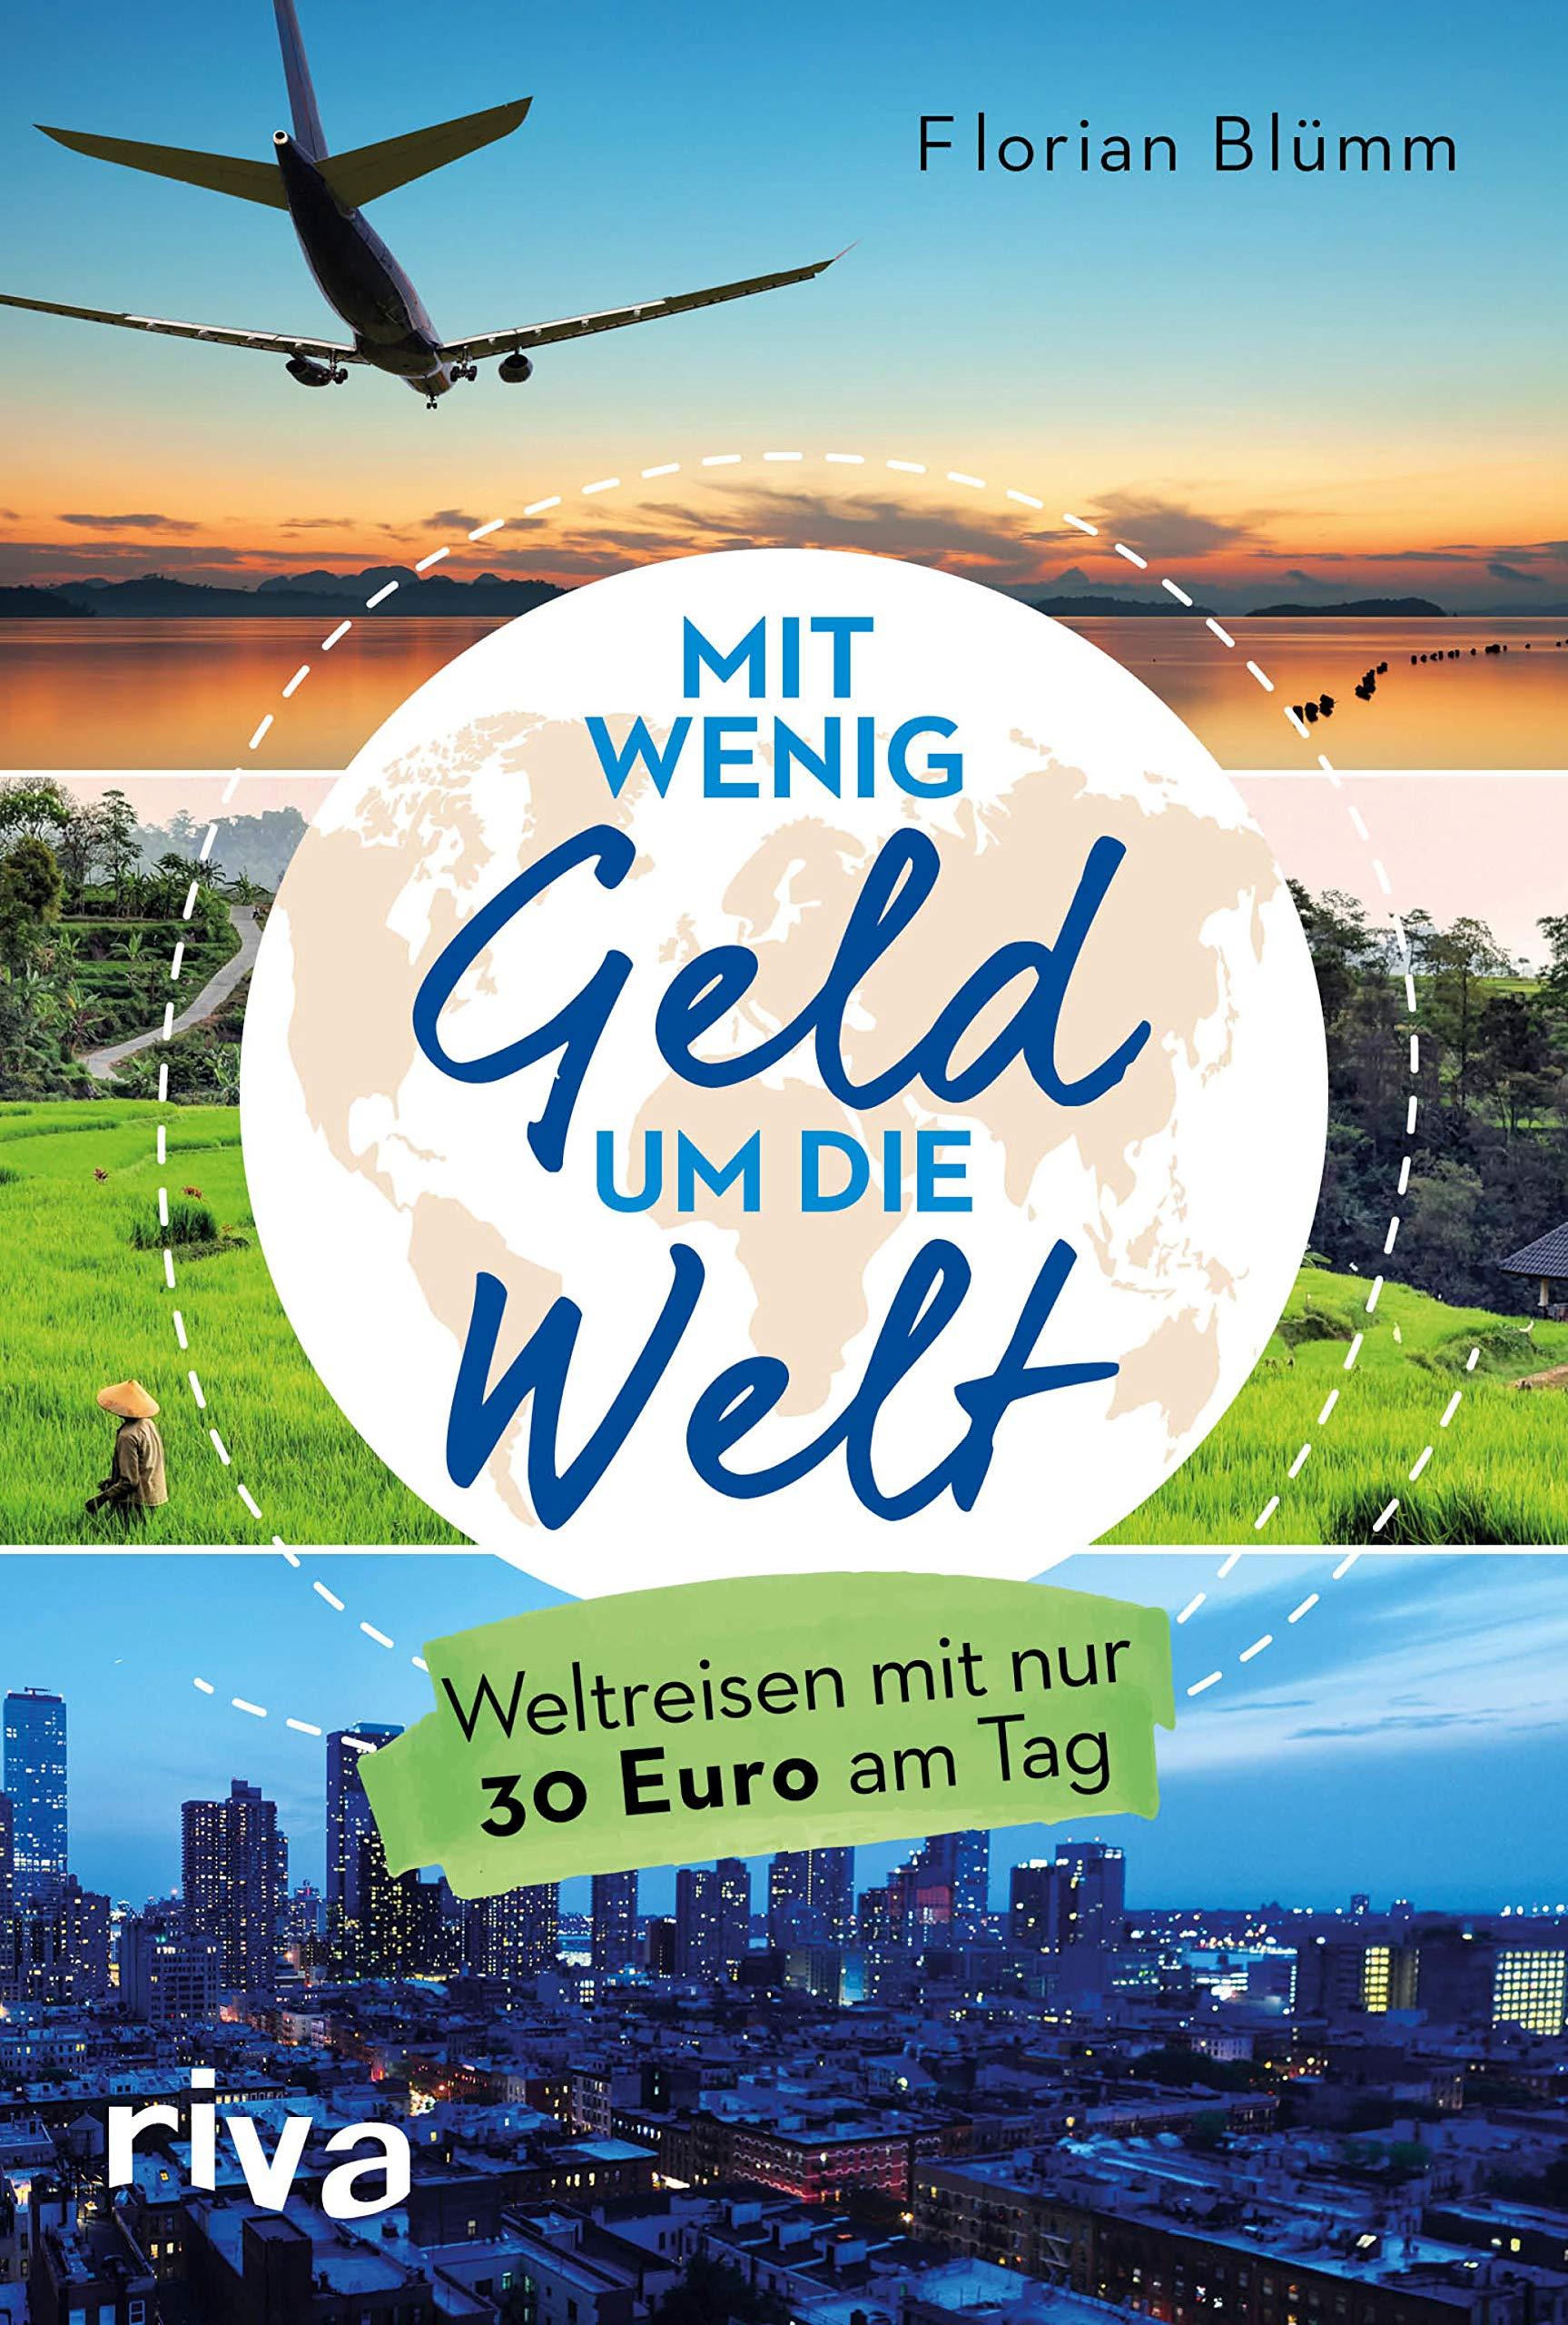 Mit wenig Geld um die Welt: Weltreisen mit nur 30 Euro am Tag